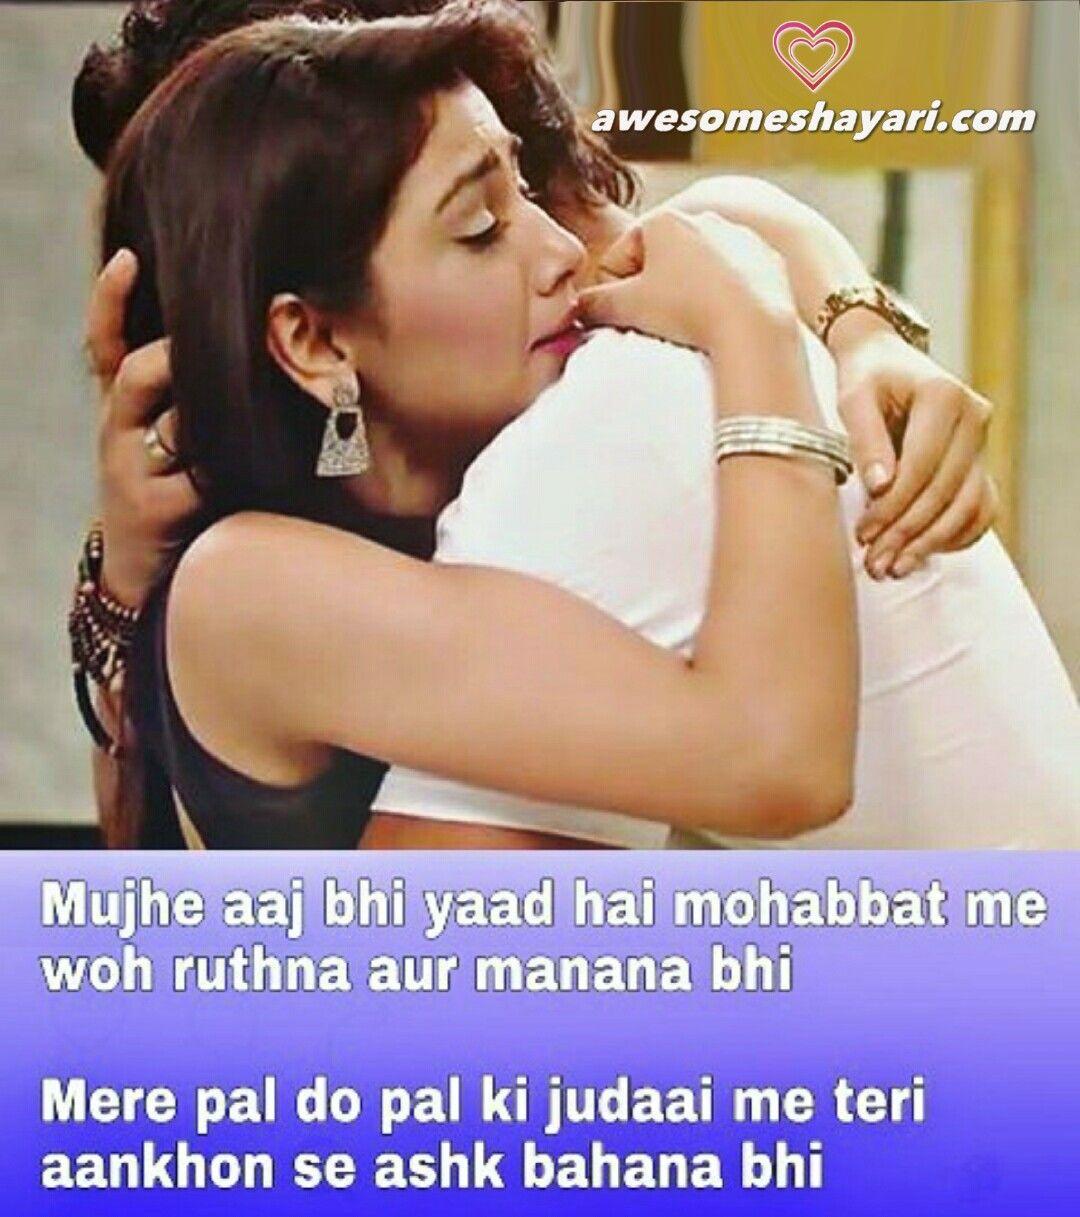 Pal Pal Yaad Teri Hindi Mp3 Song Download: Mujhe Aaj Bhi Yaad Hai Mohabbat Me Woh Ruthna Aur Manana